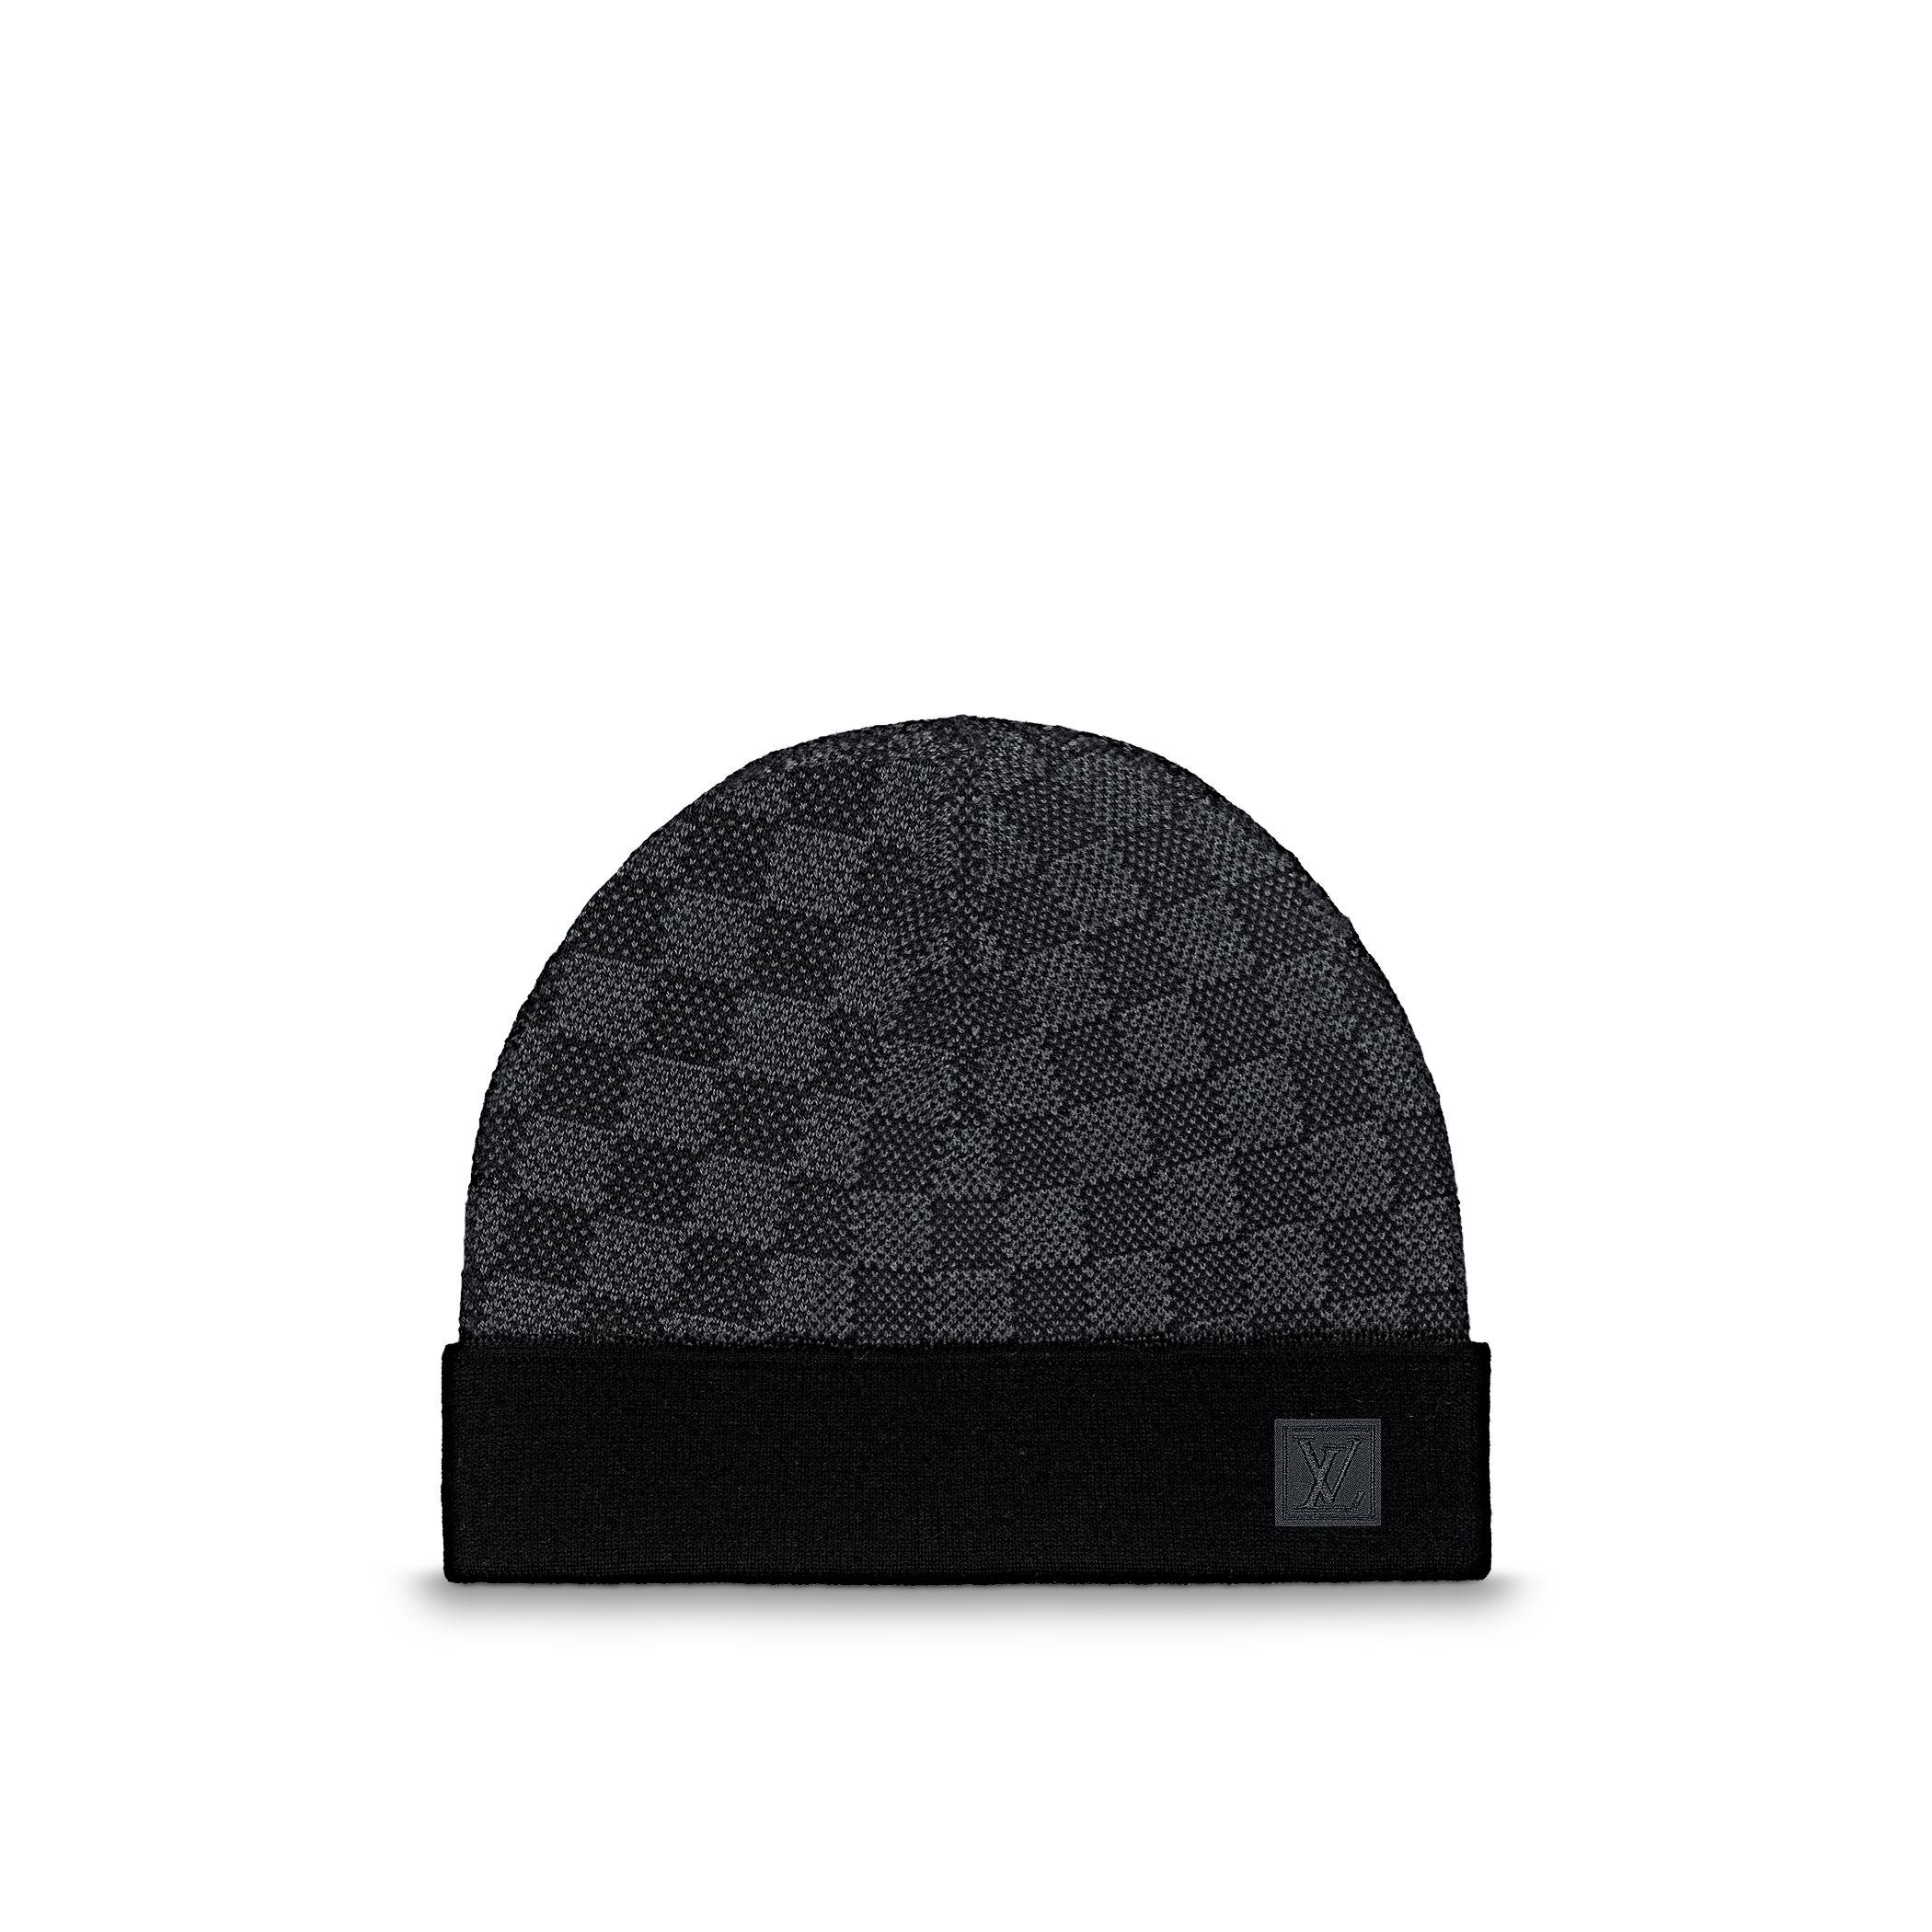 Image Result For Louis Vuitton Hat Men